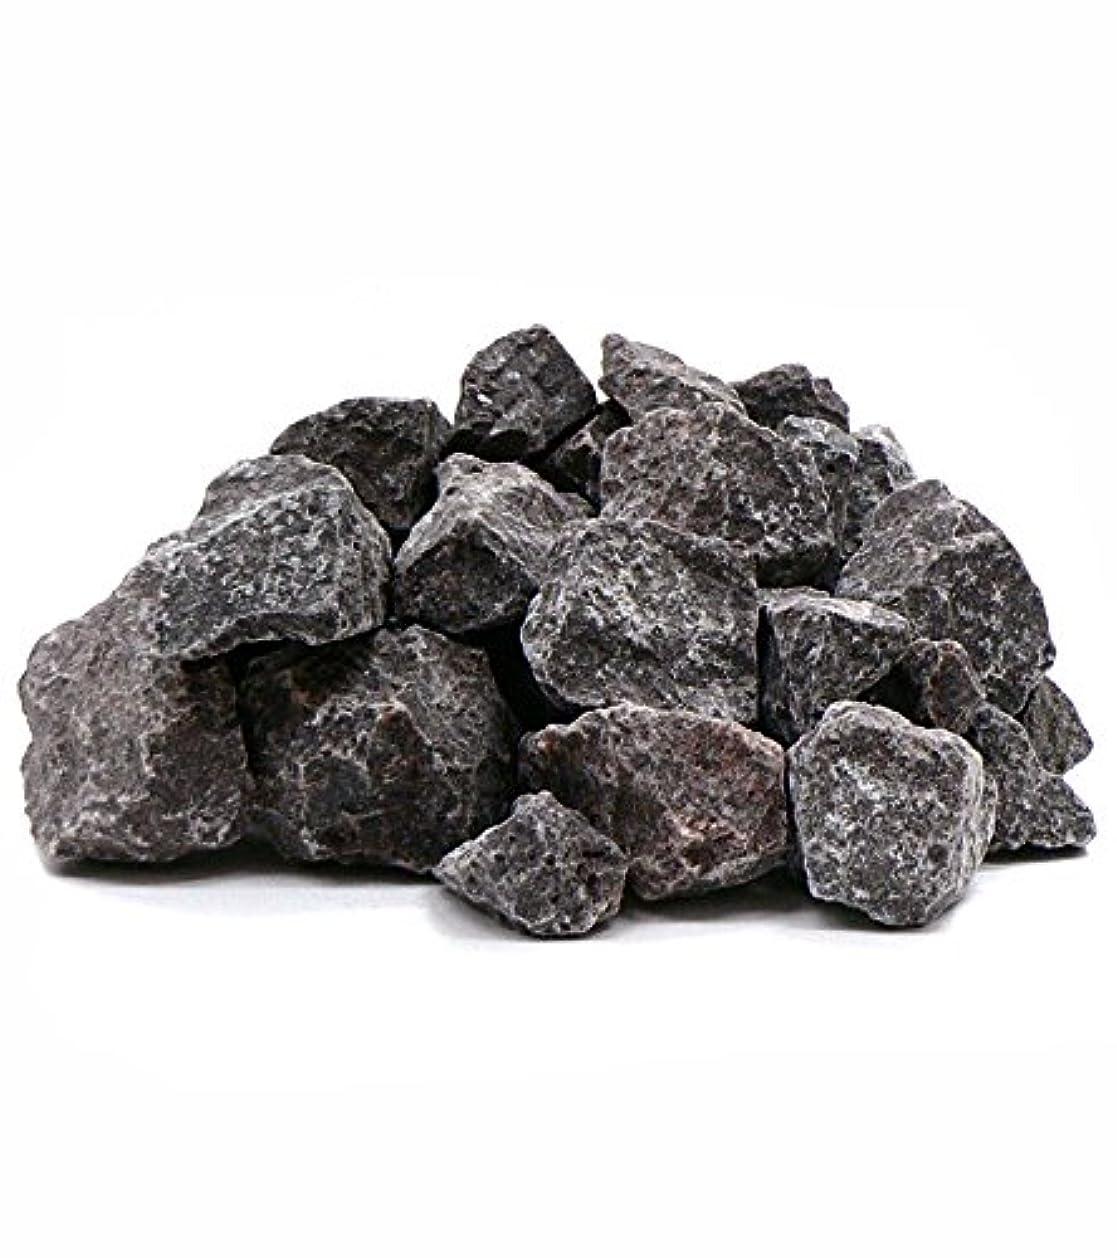 ヒマラヤ岩塩 ブラックソルト 入浴用 バスソルト(塊?ブロック)2kg 黒岩塩 ブラック岩塩